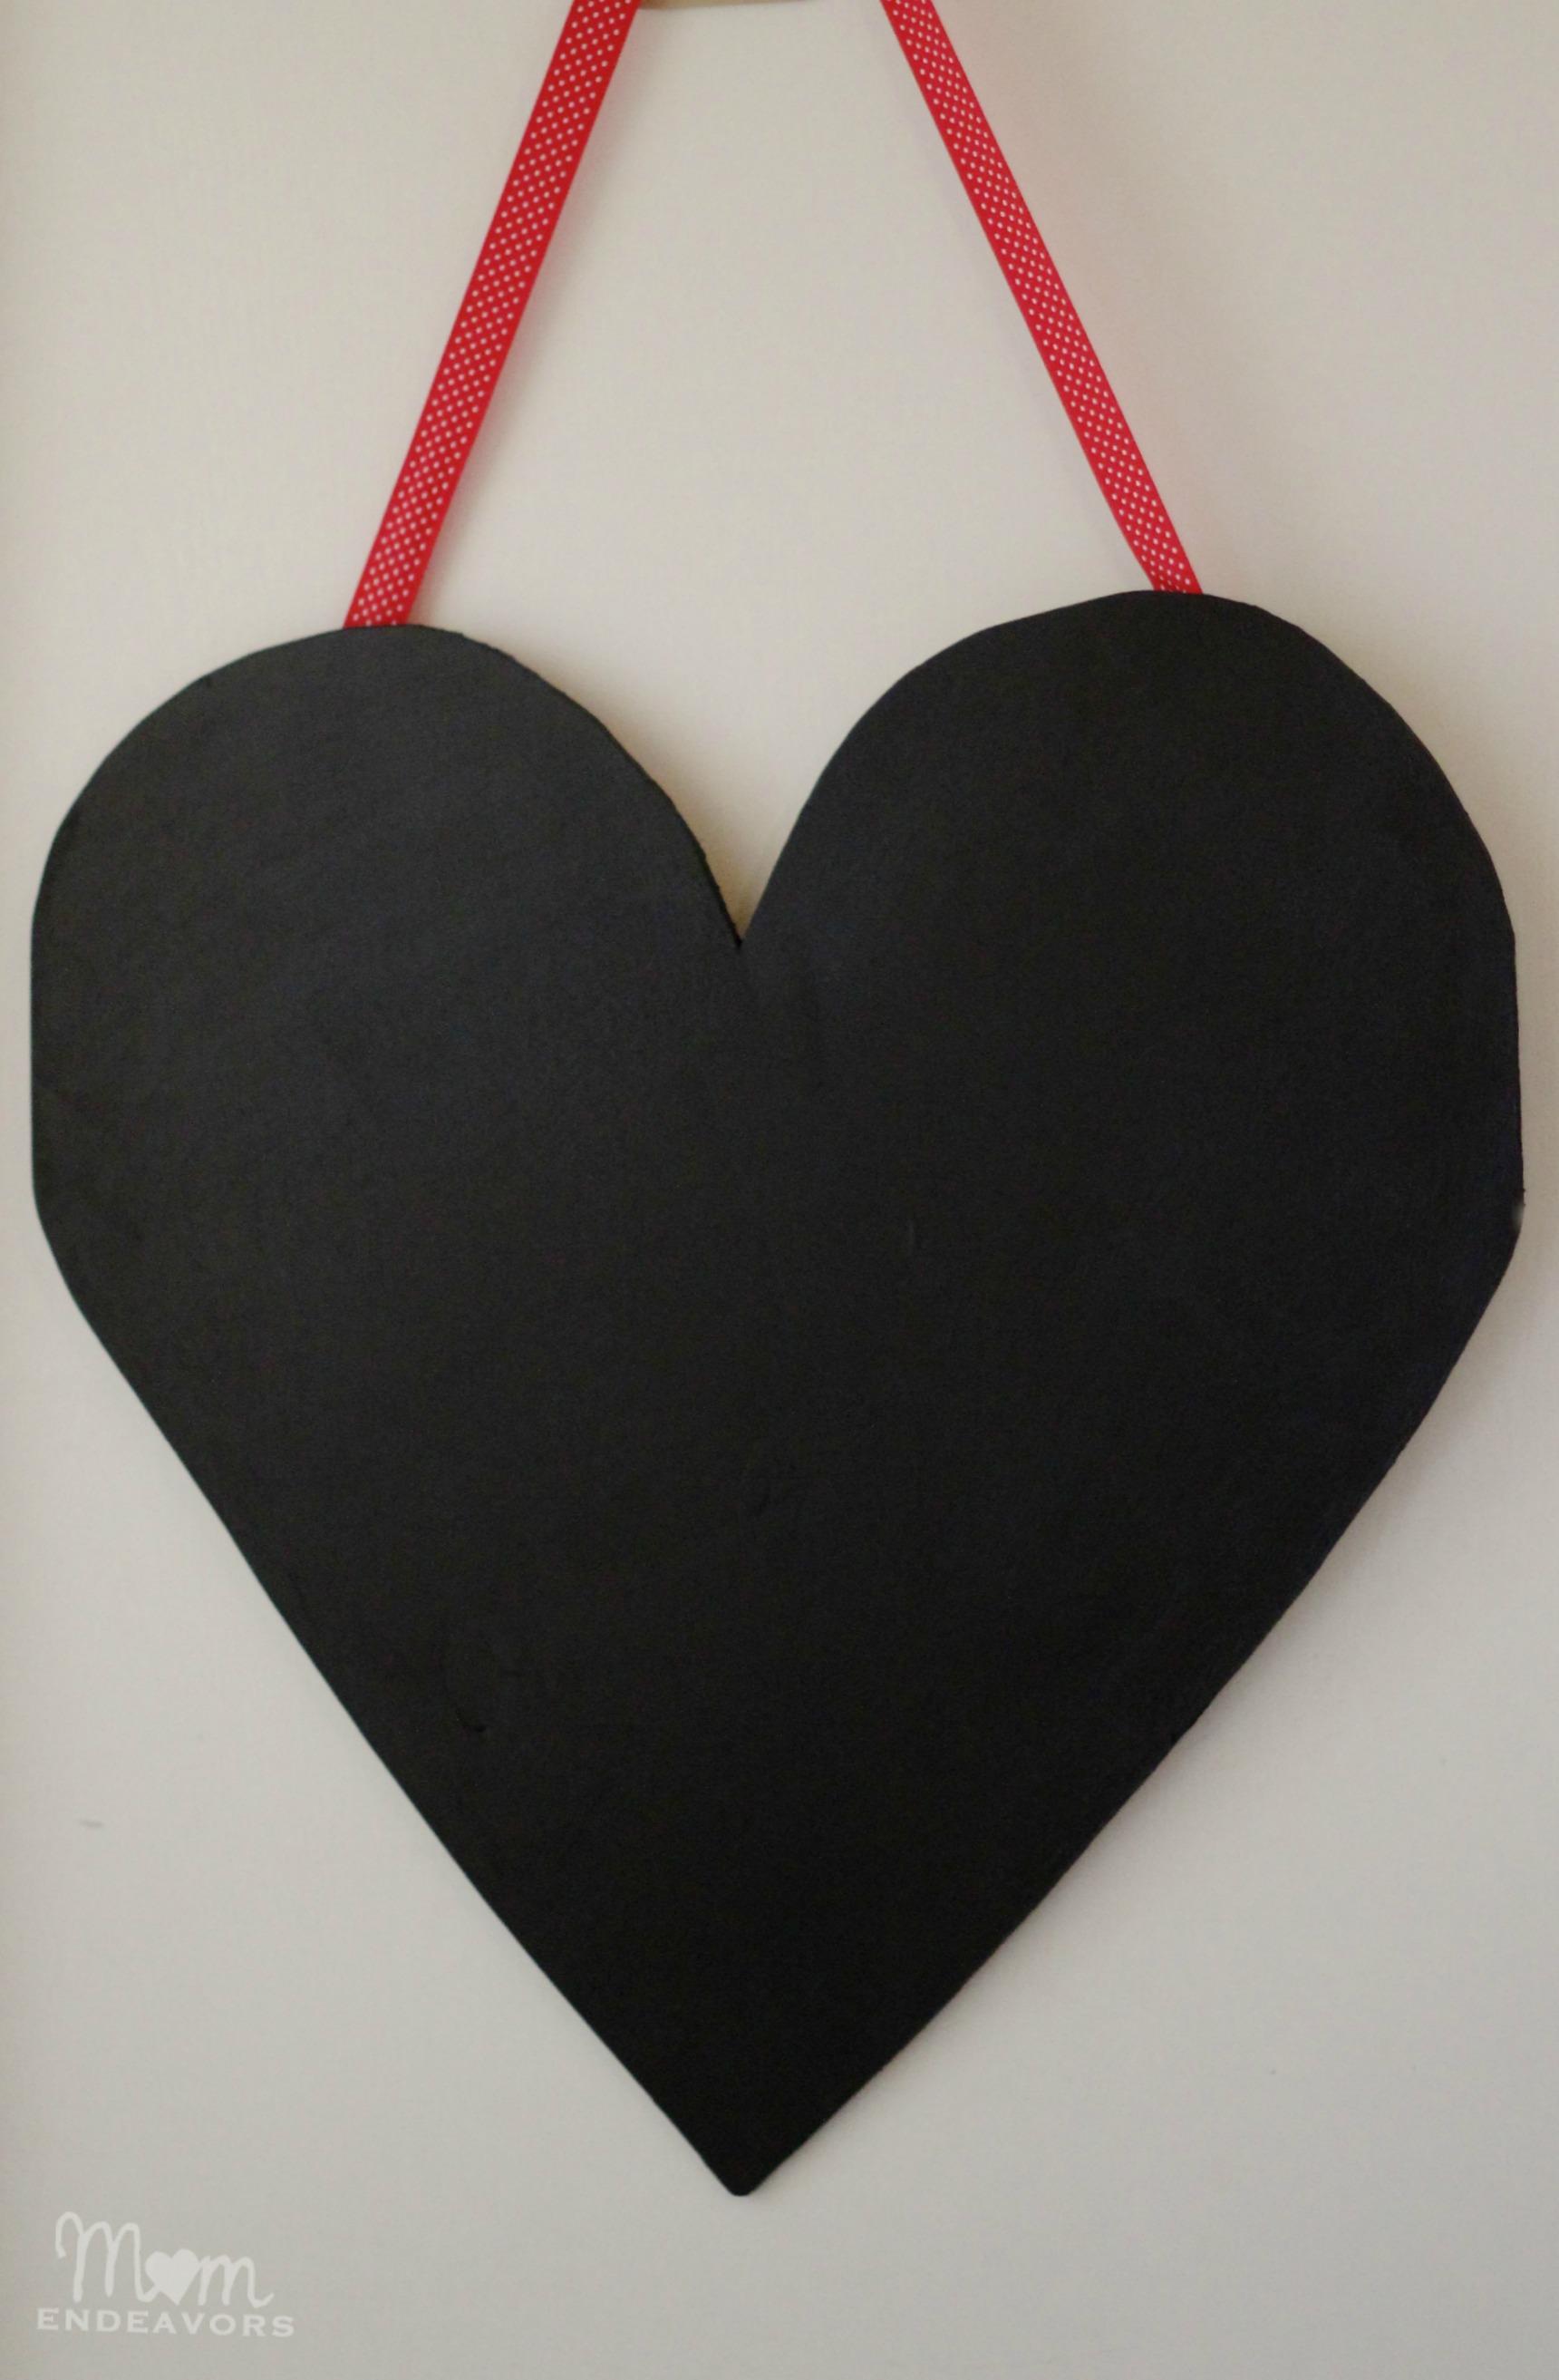 Chalkboard Wooden Heart